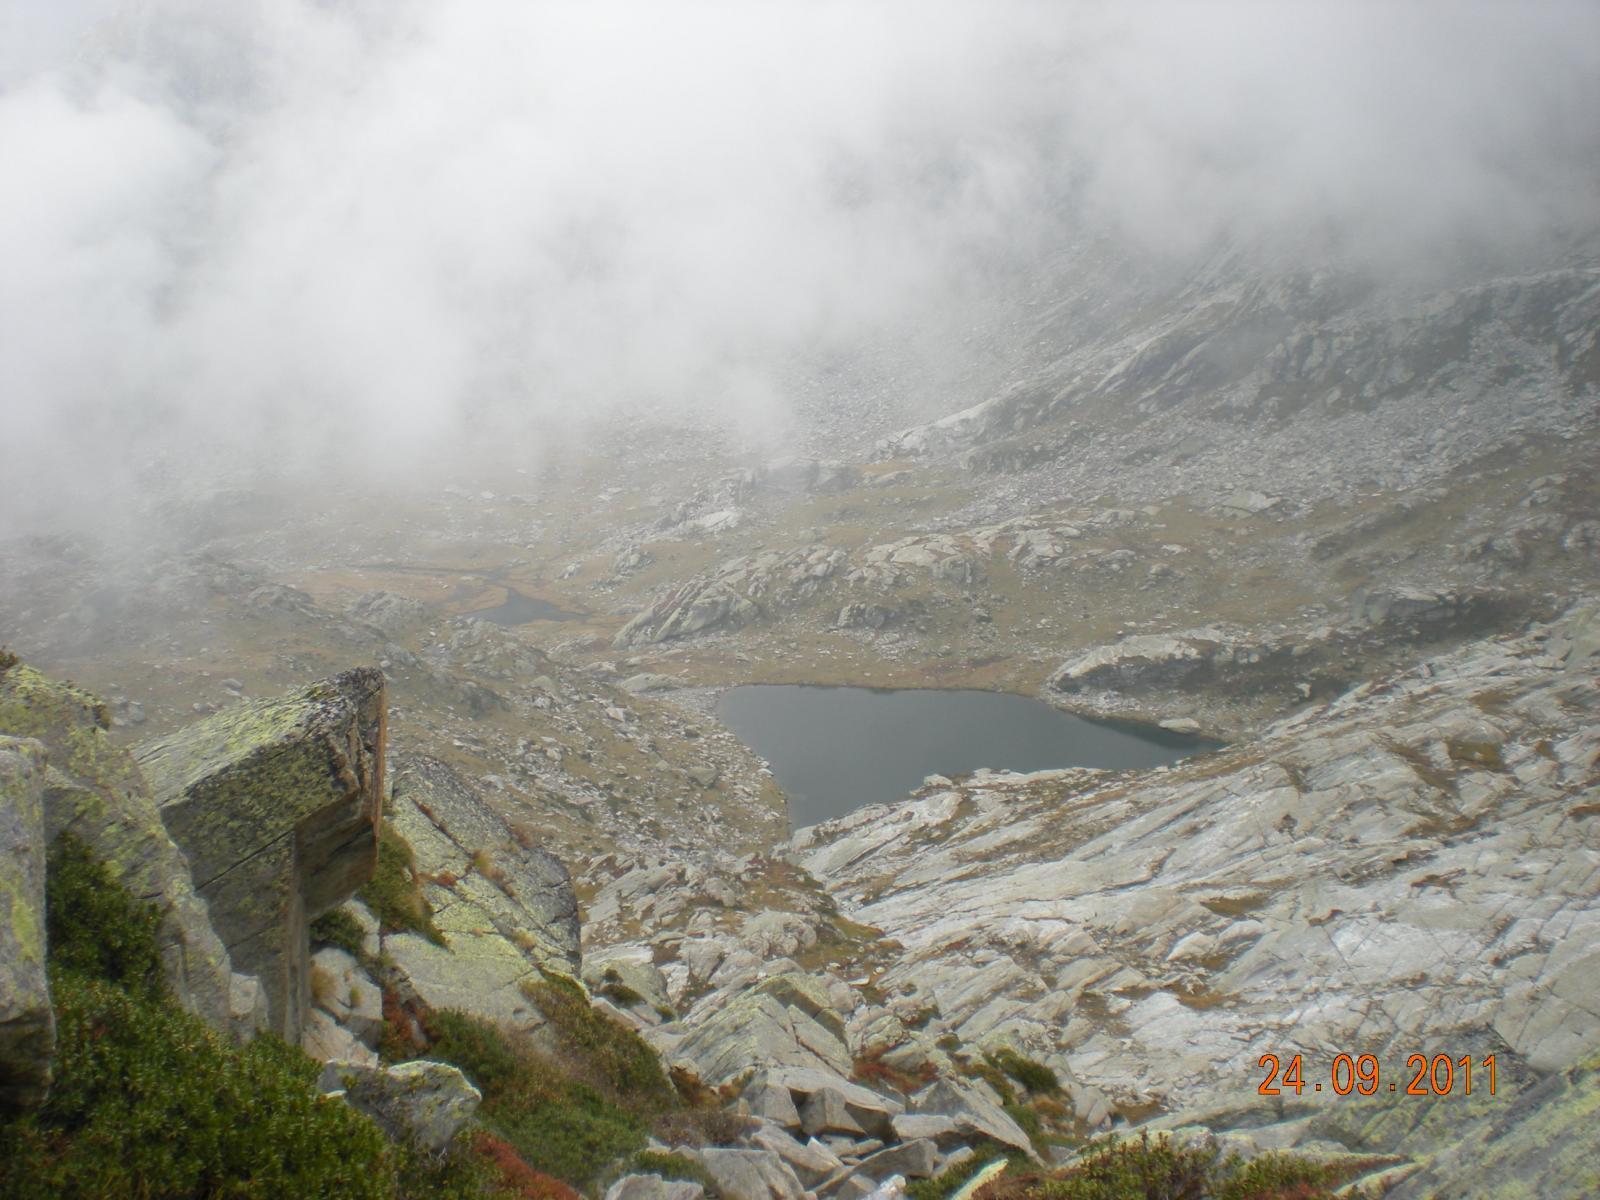 uno sguardo sul Lago Nero dal Passo del Maccagno